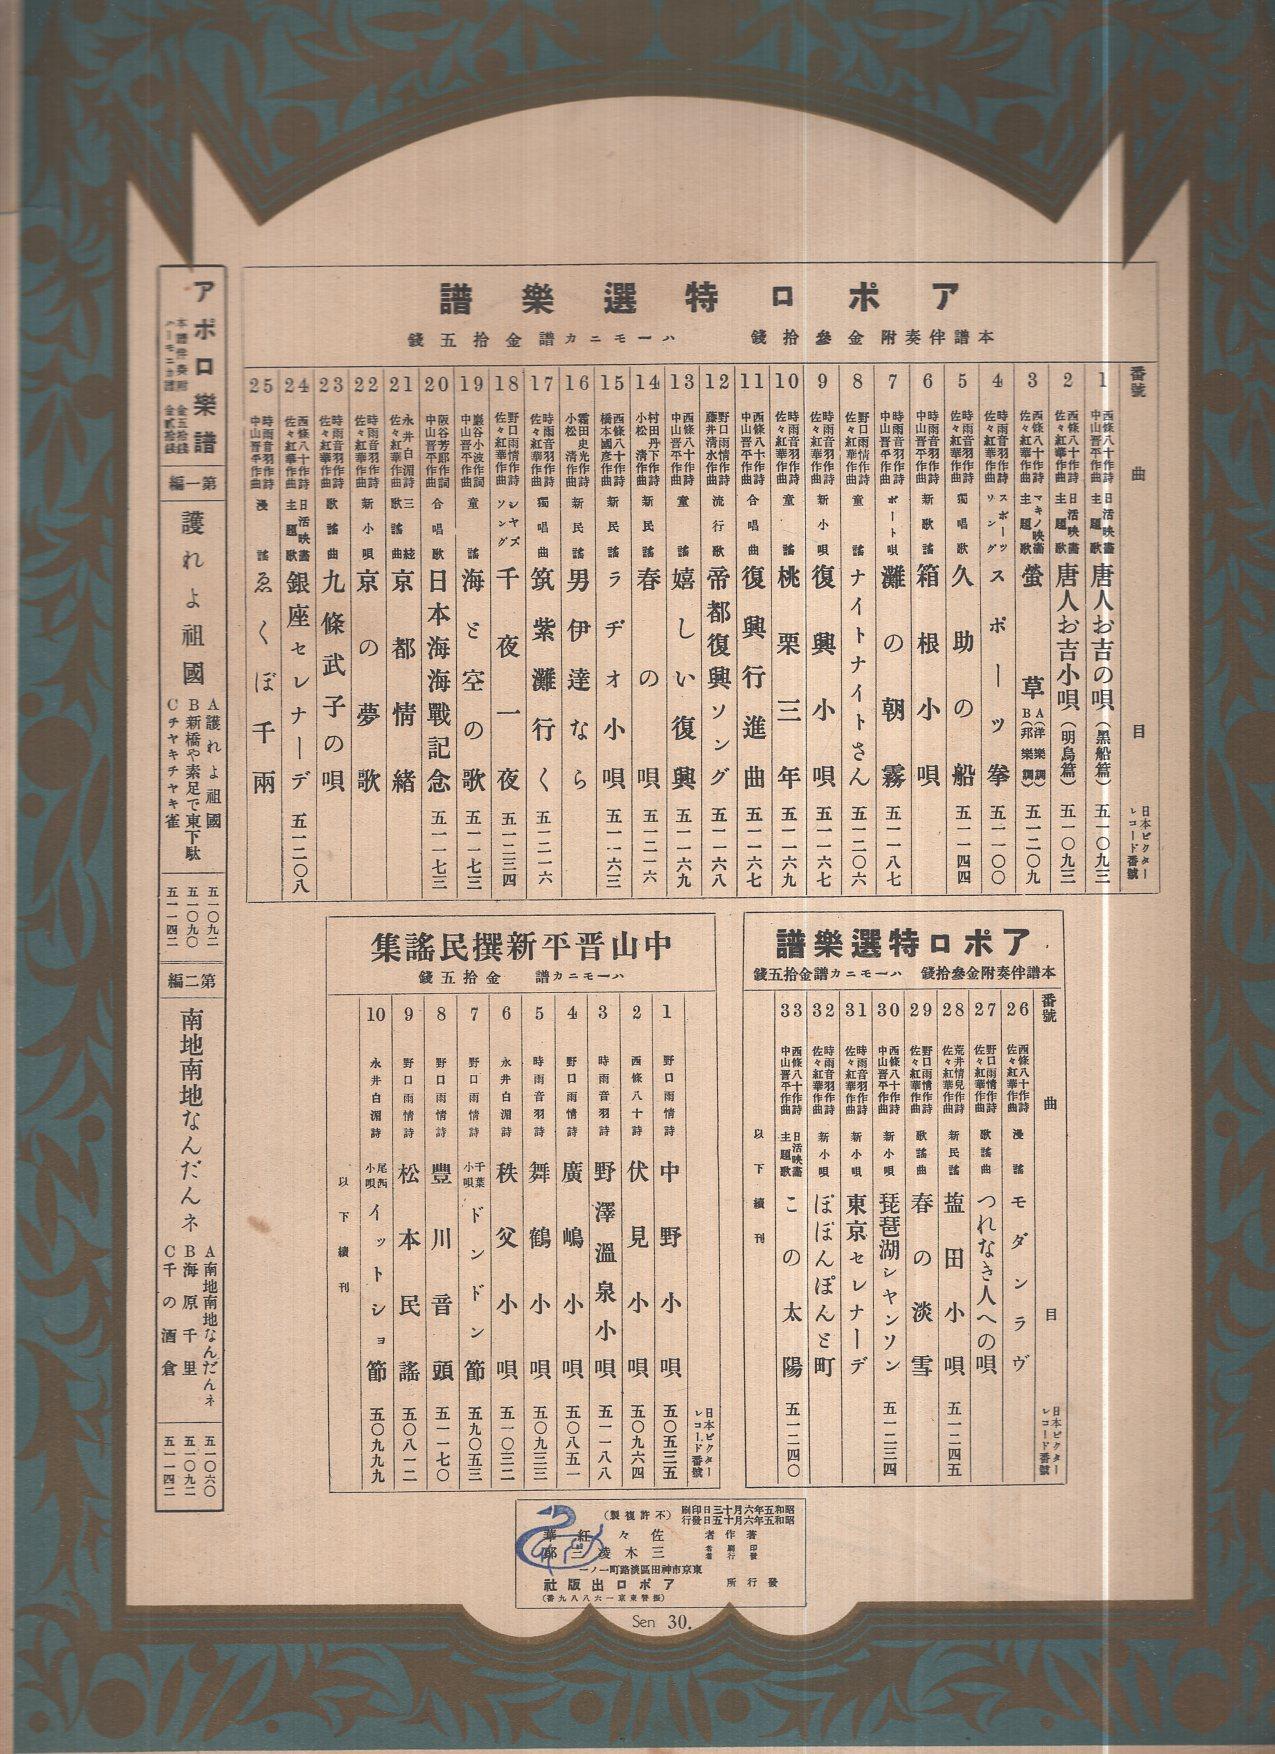 大礼の議 - Great Rites Controversy - JapaneseClass.jp